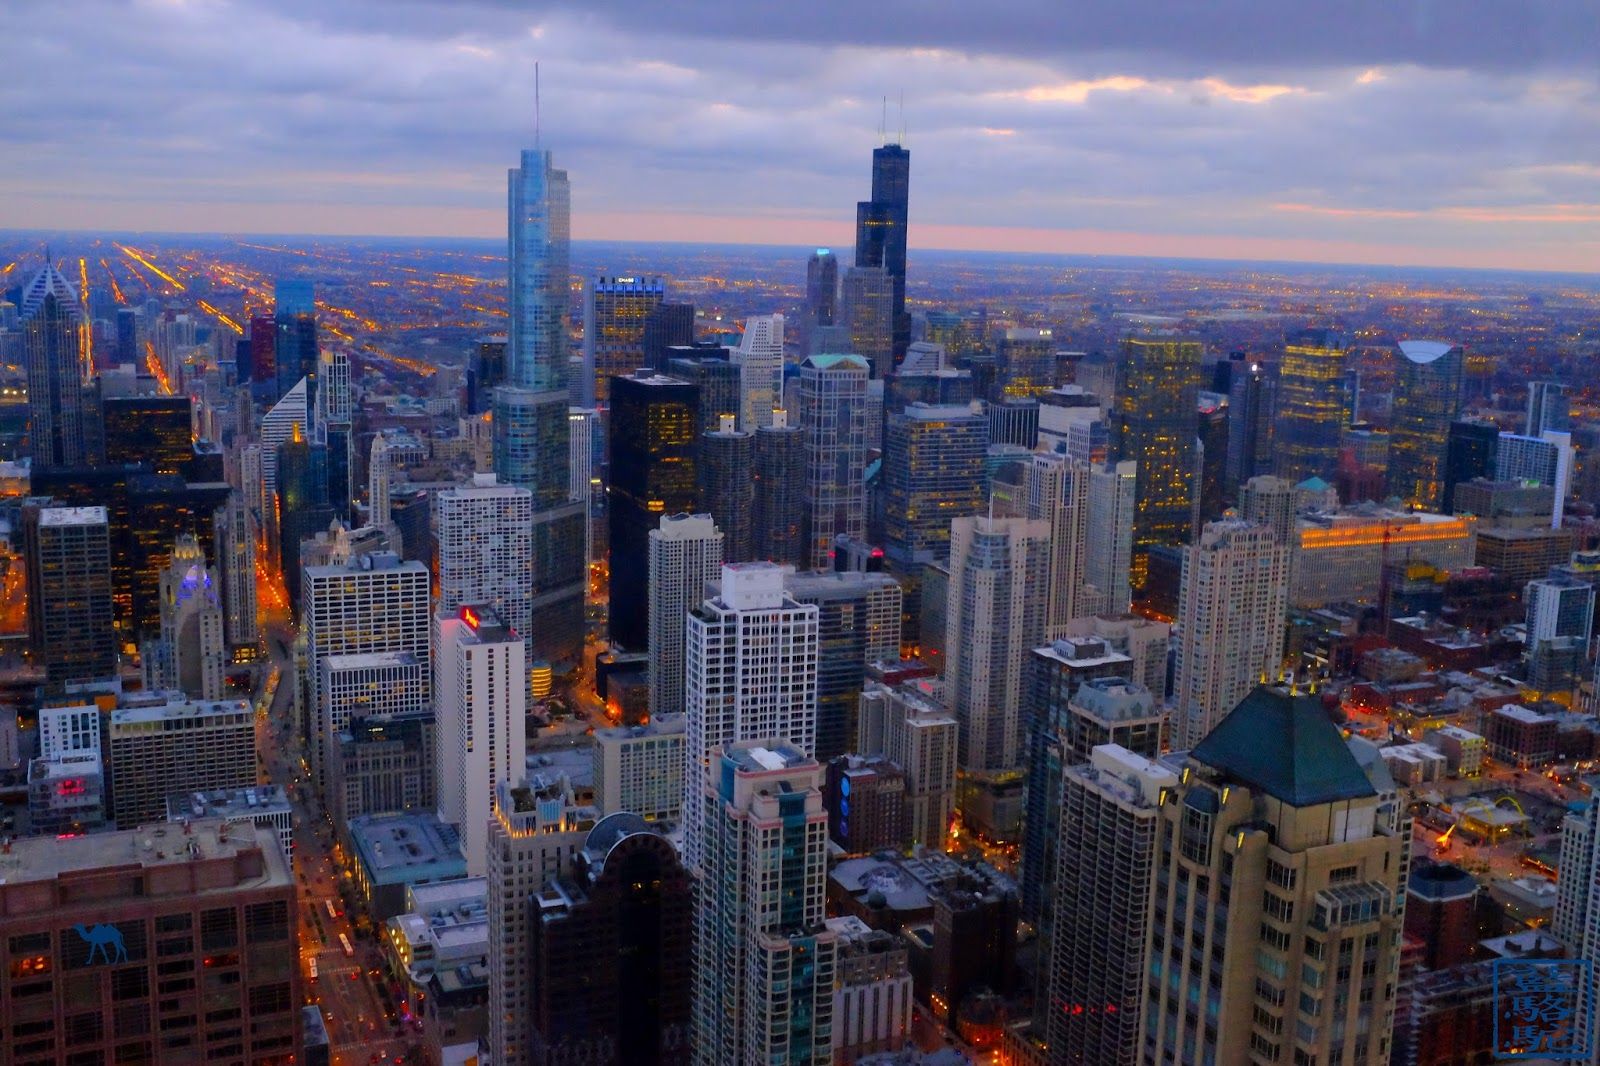 Le Chameau Bleu - Blog Voyage Chicago USA - Vue de Chicago depuis un gratte-ciel